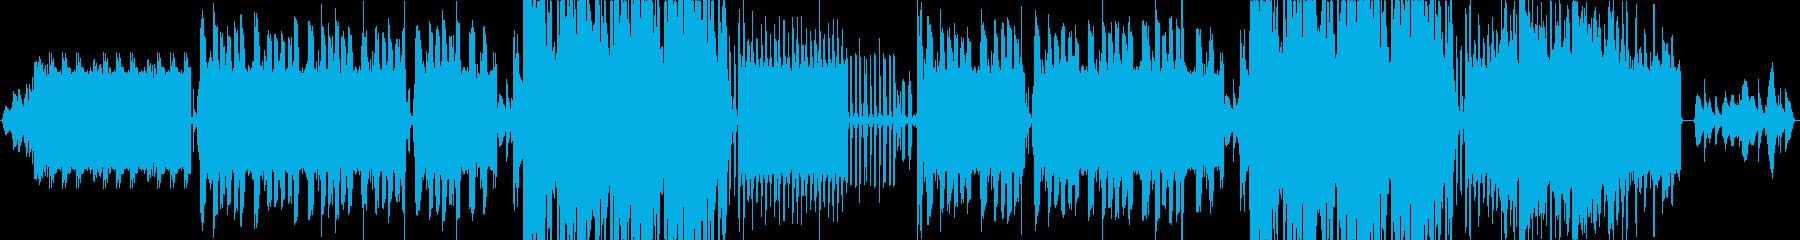 flwrsの再生済みの波形